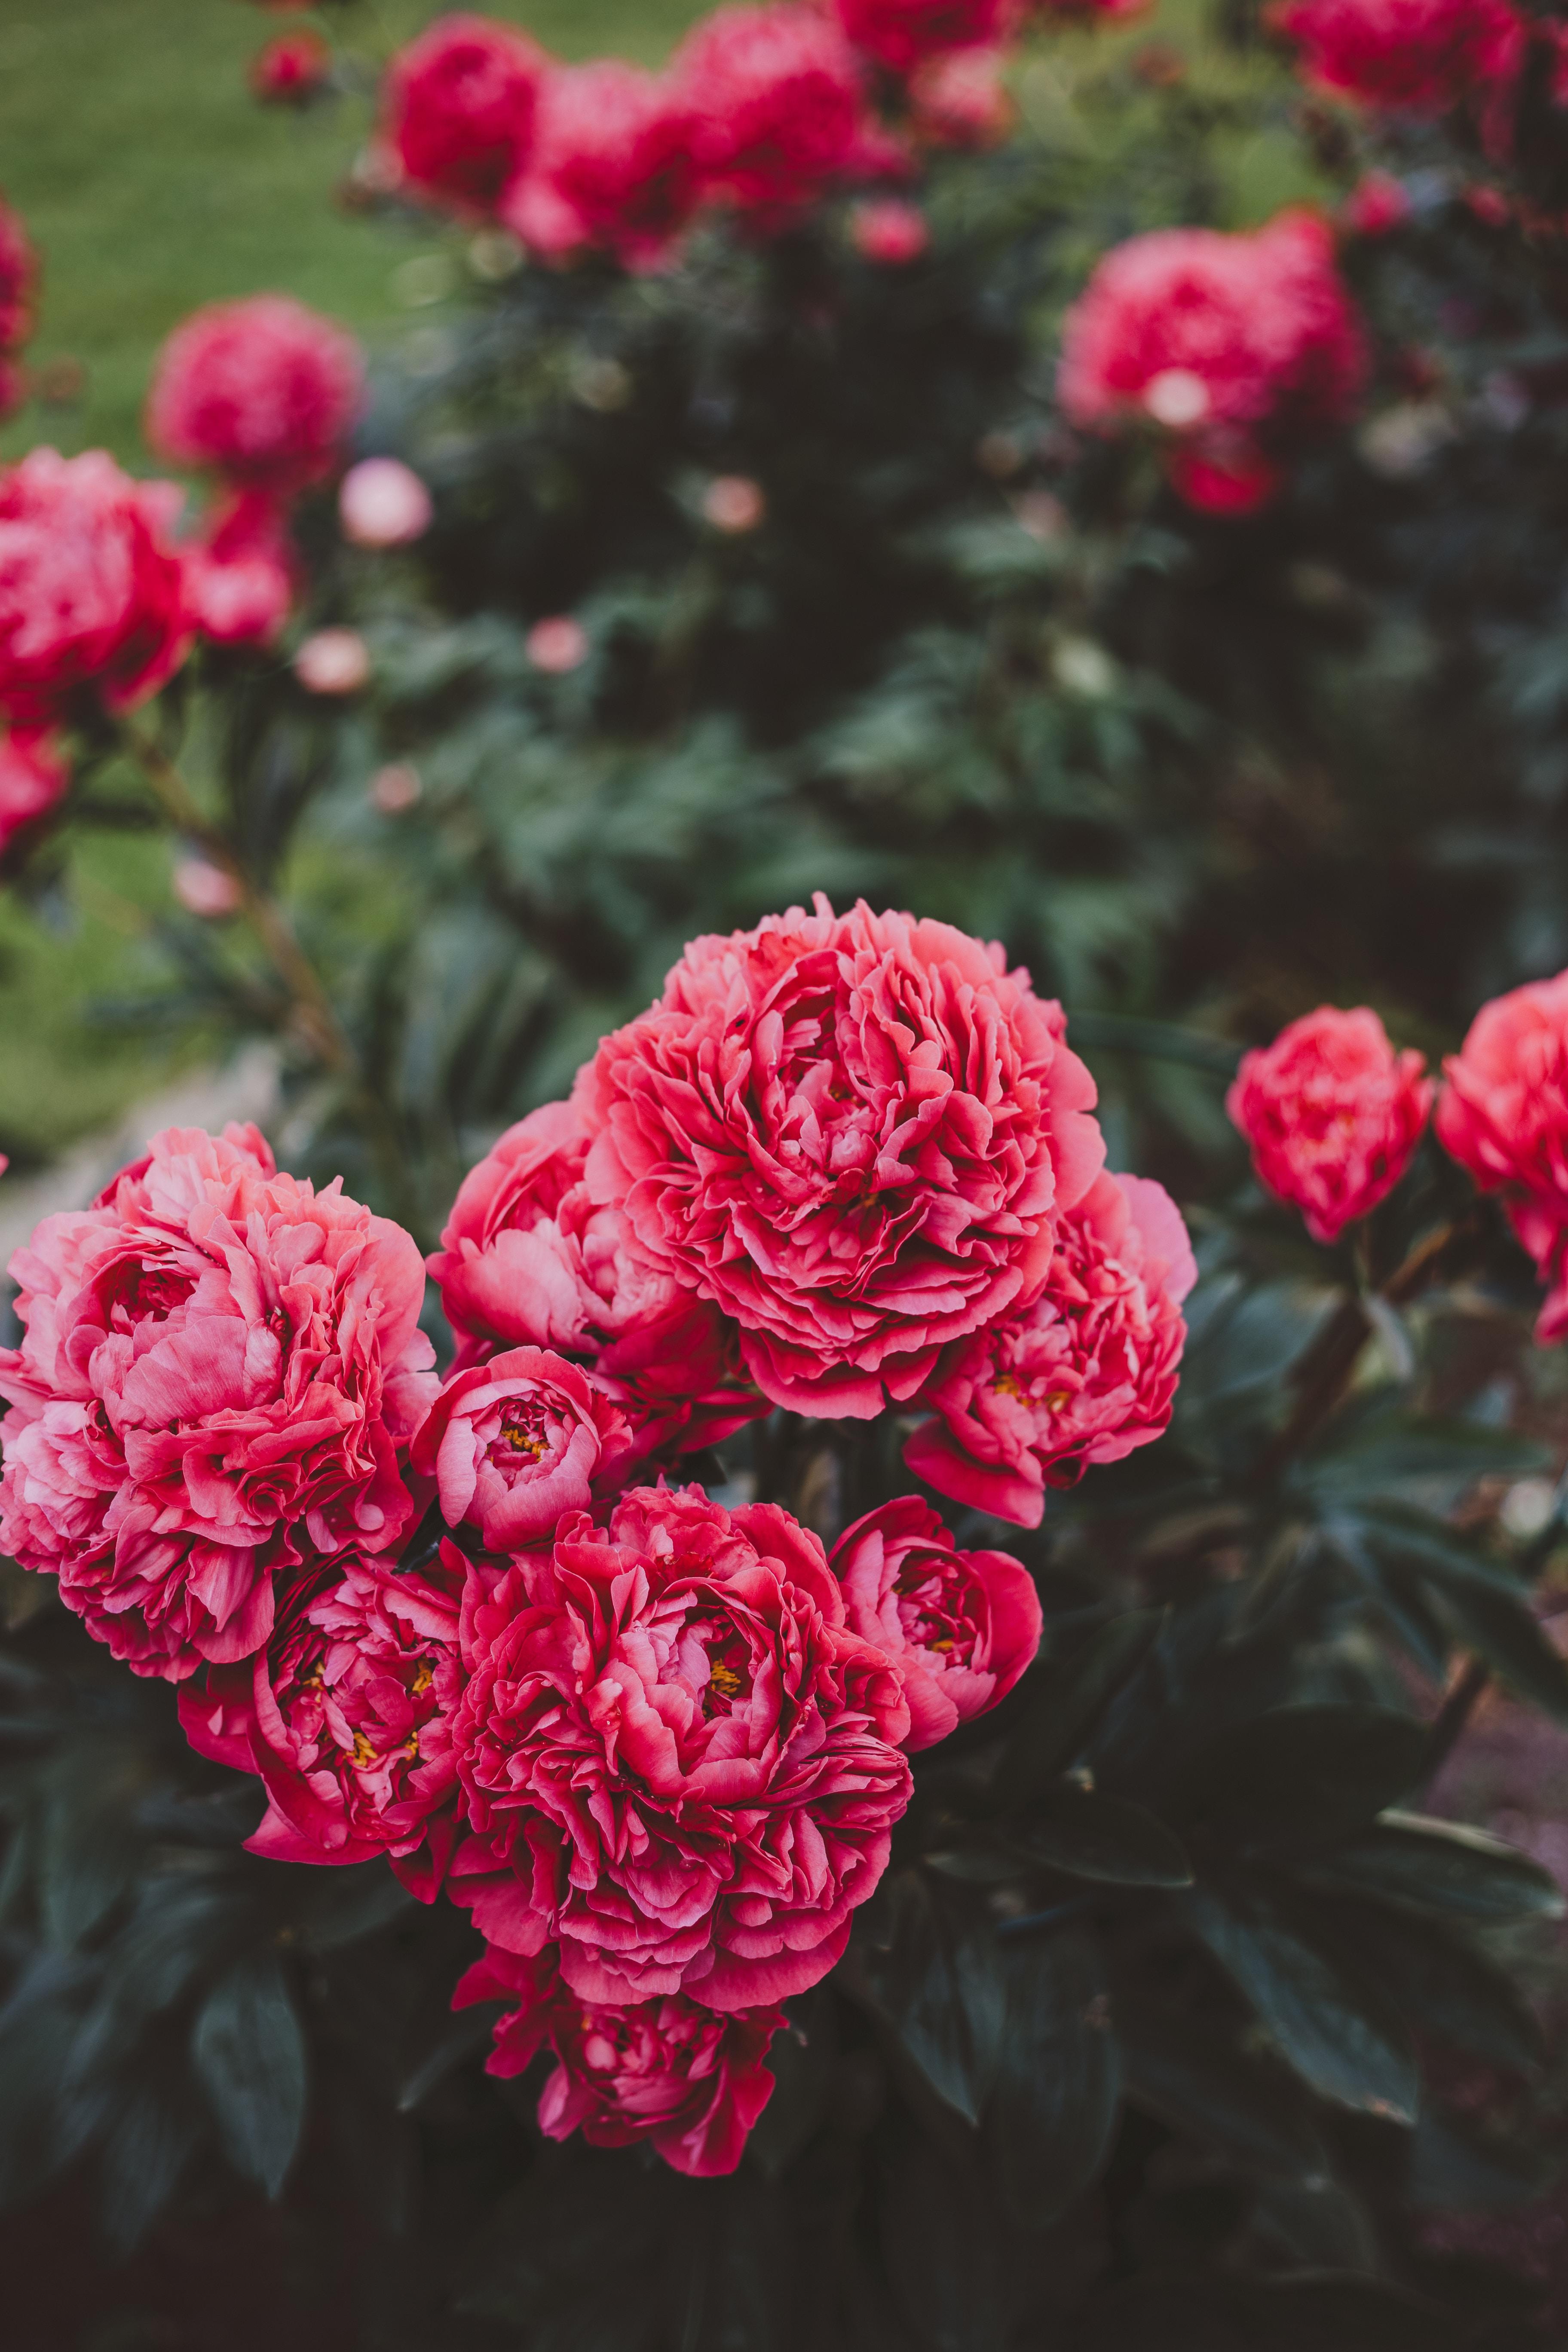 107556 скачать обои Пионы, Цветение, Цветы, Растение, Розовый - заставки и картинки бесплатно